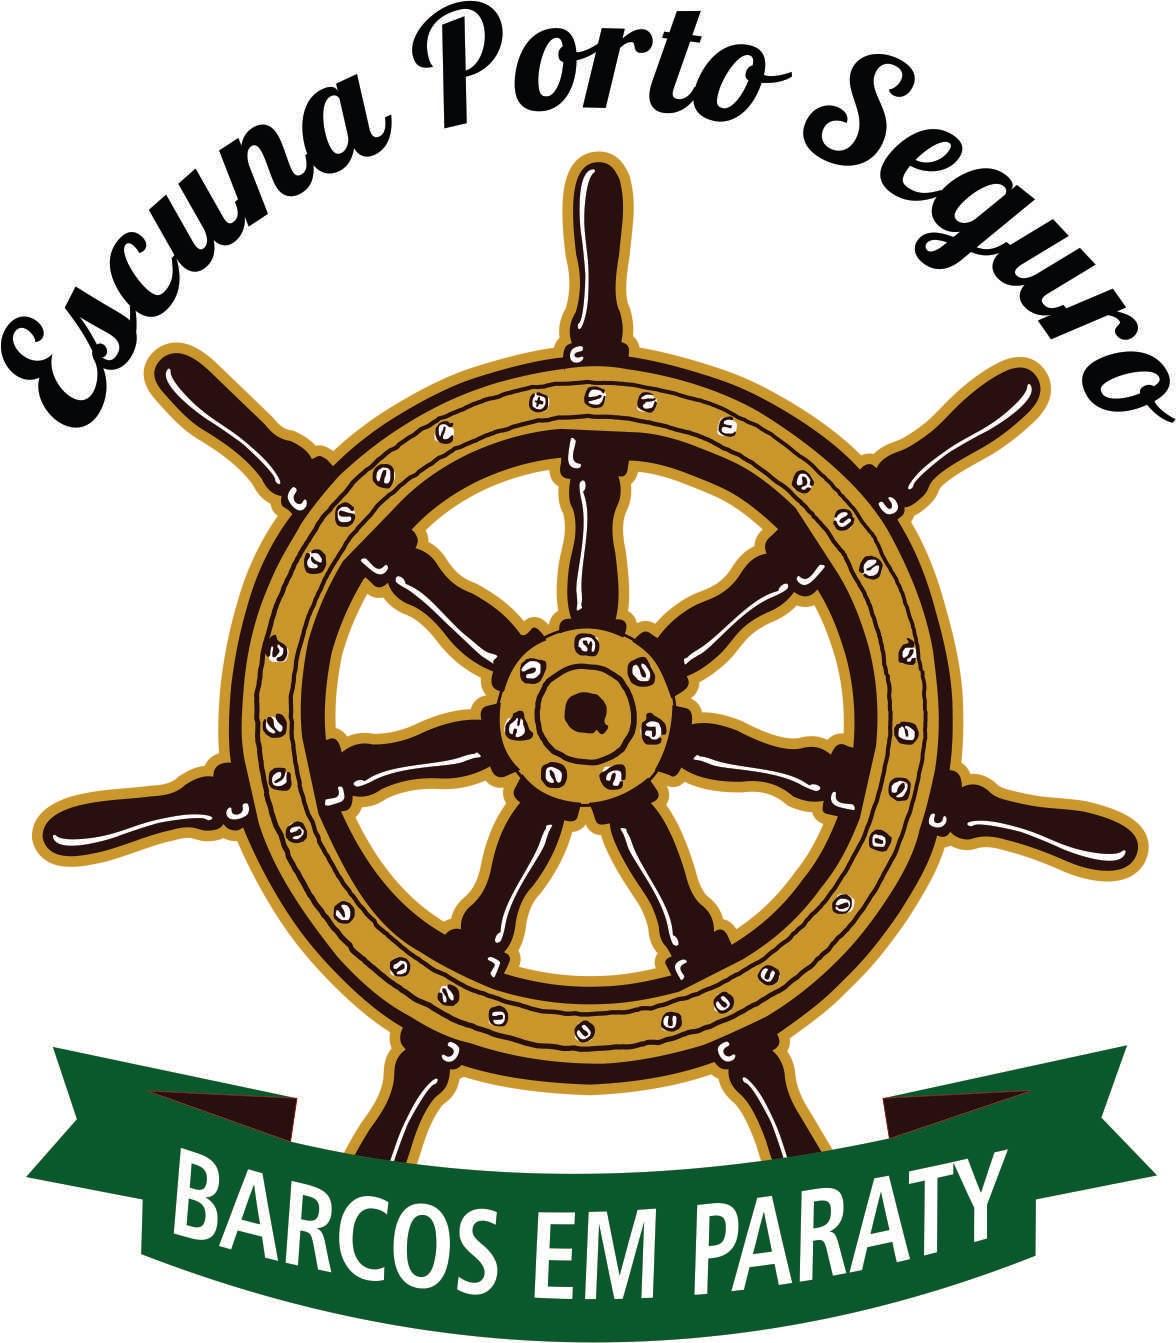 Escuna PORTO SEGURO